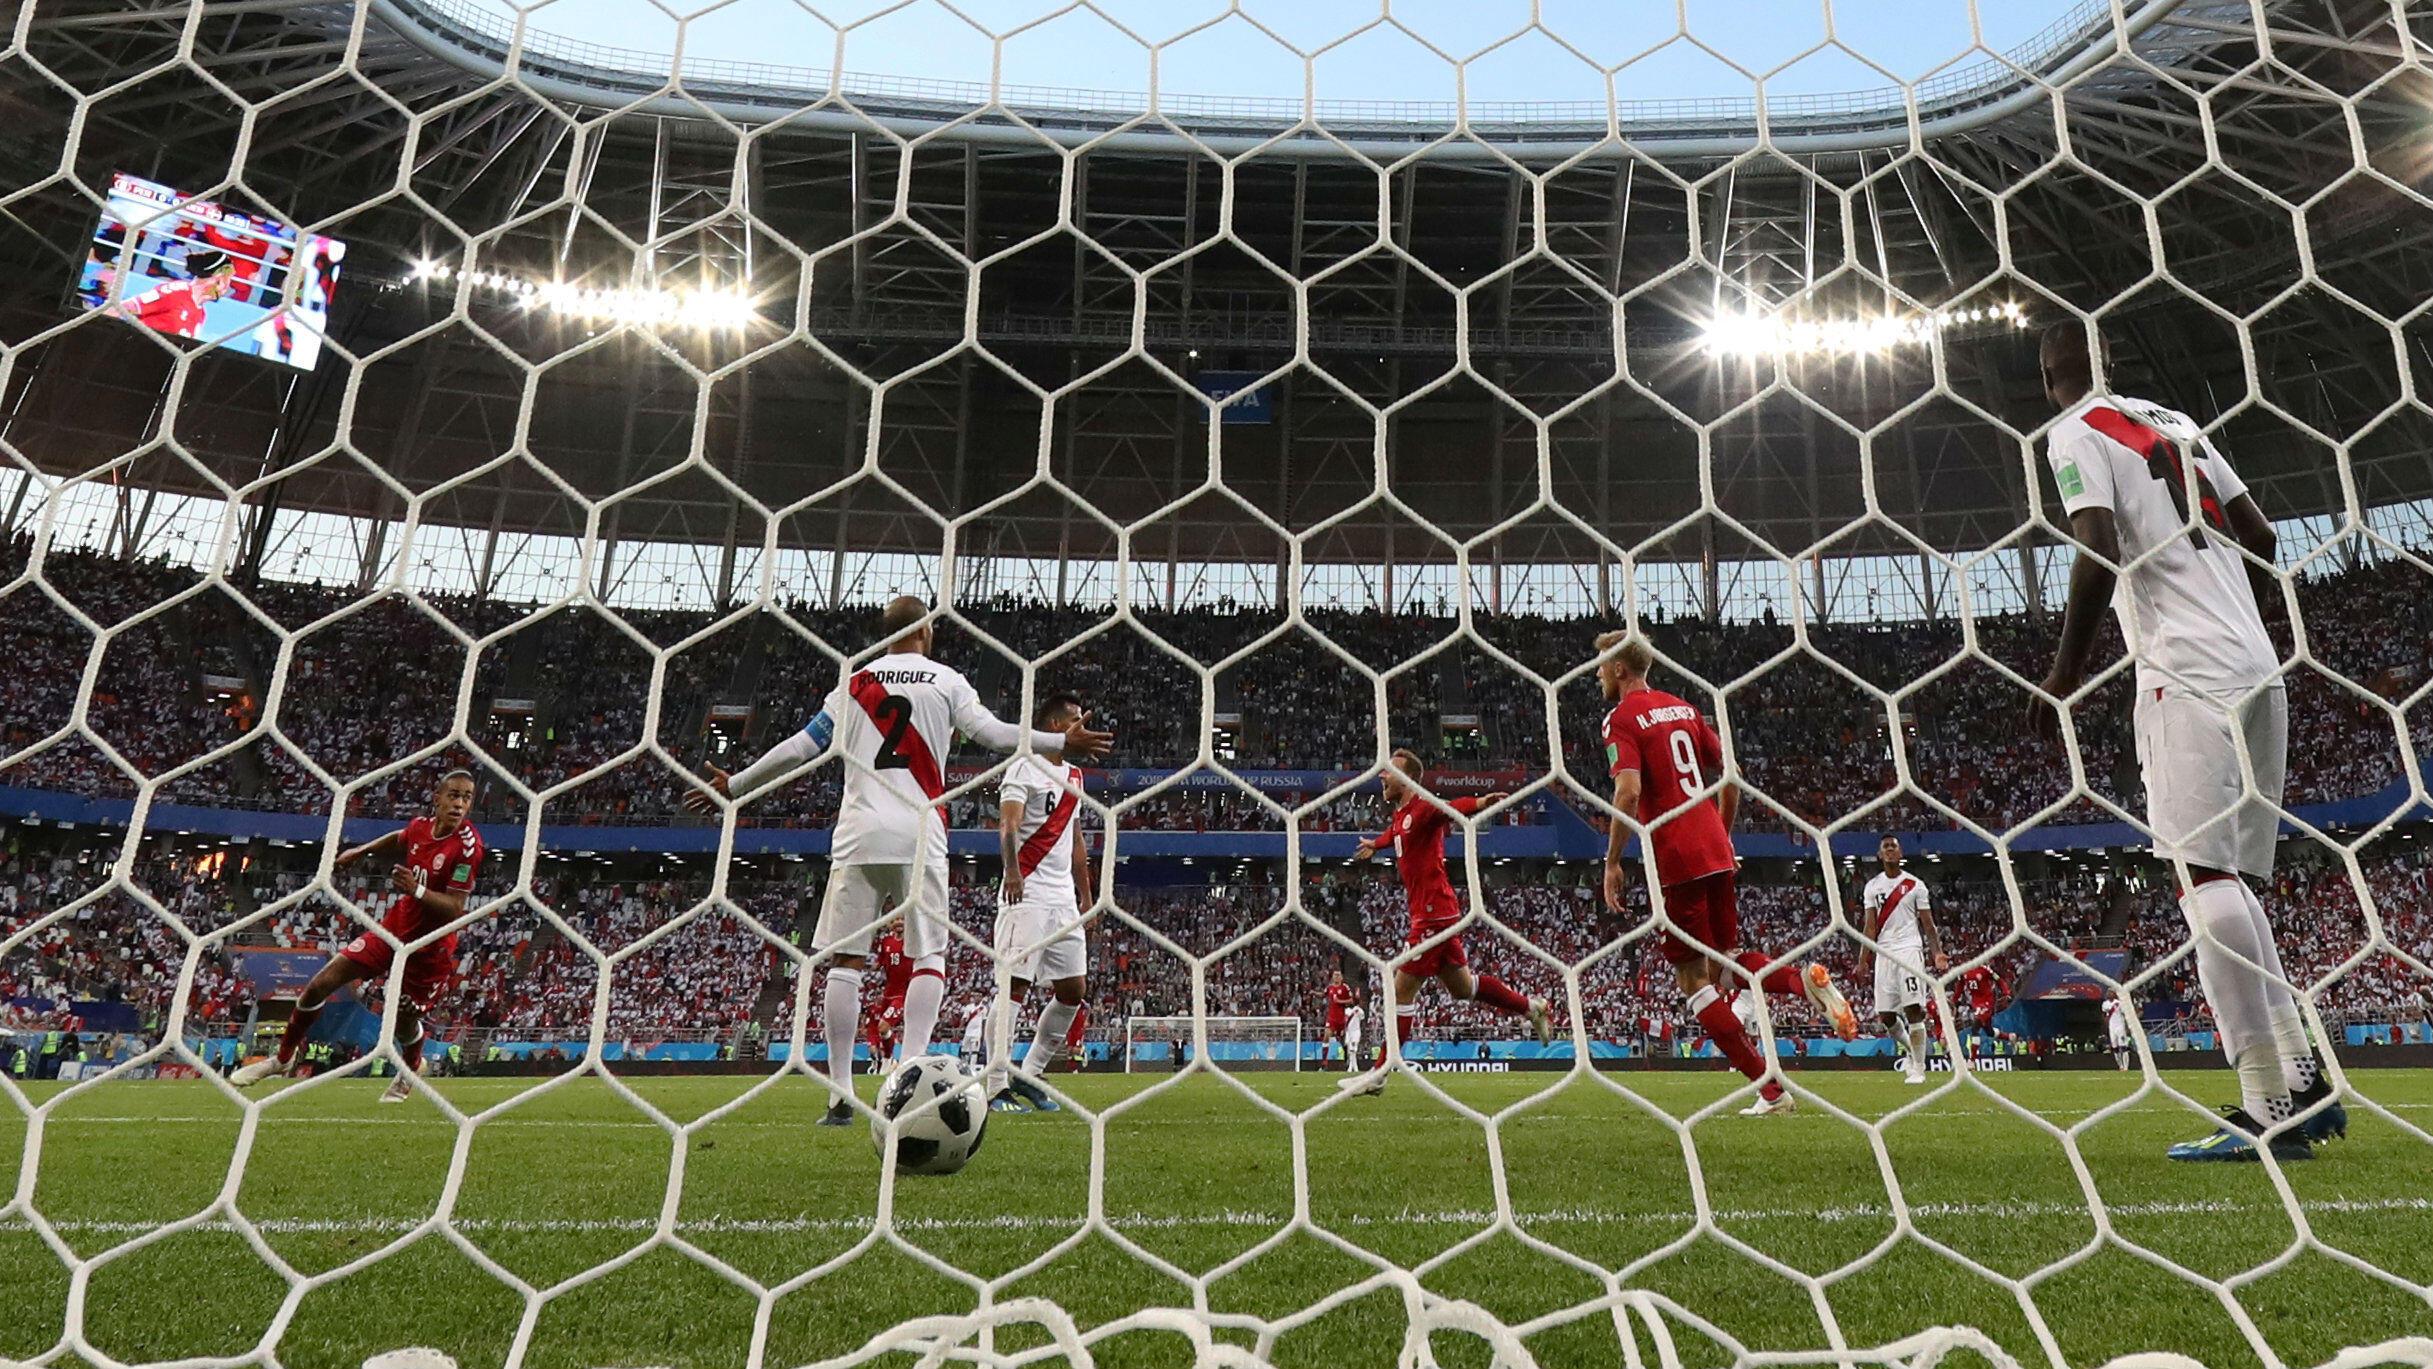 El danés Yussuf Poulsen celebró su primer gol con Christian Eriksen, mientras el peruano Alberto Rodríguez y sus compañeros de equipo parecen abatidos.